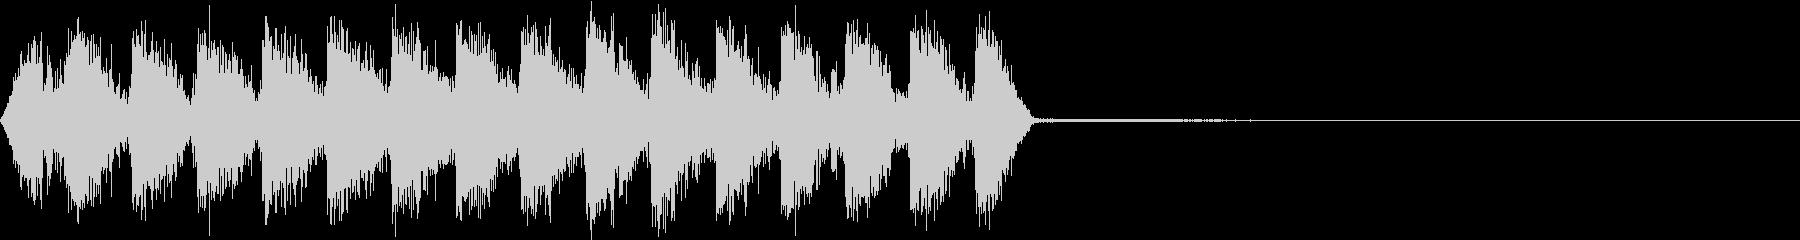 Razor レイザー小銃の連射音 4の未再生の波形